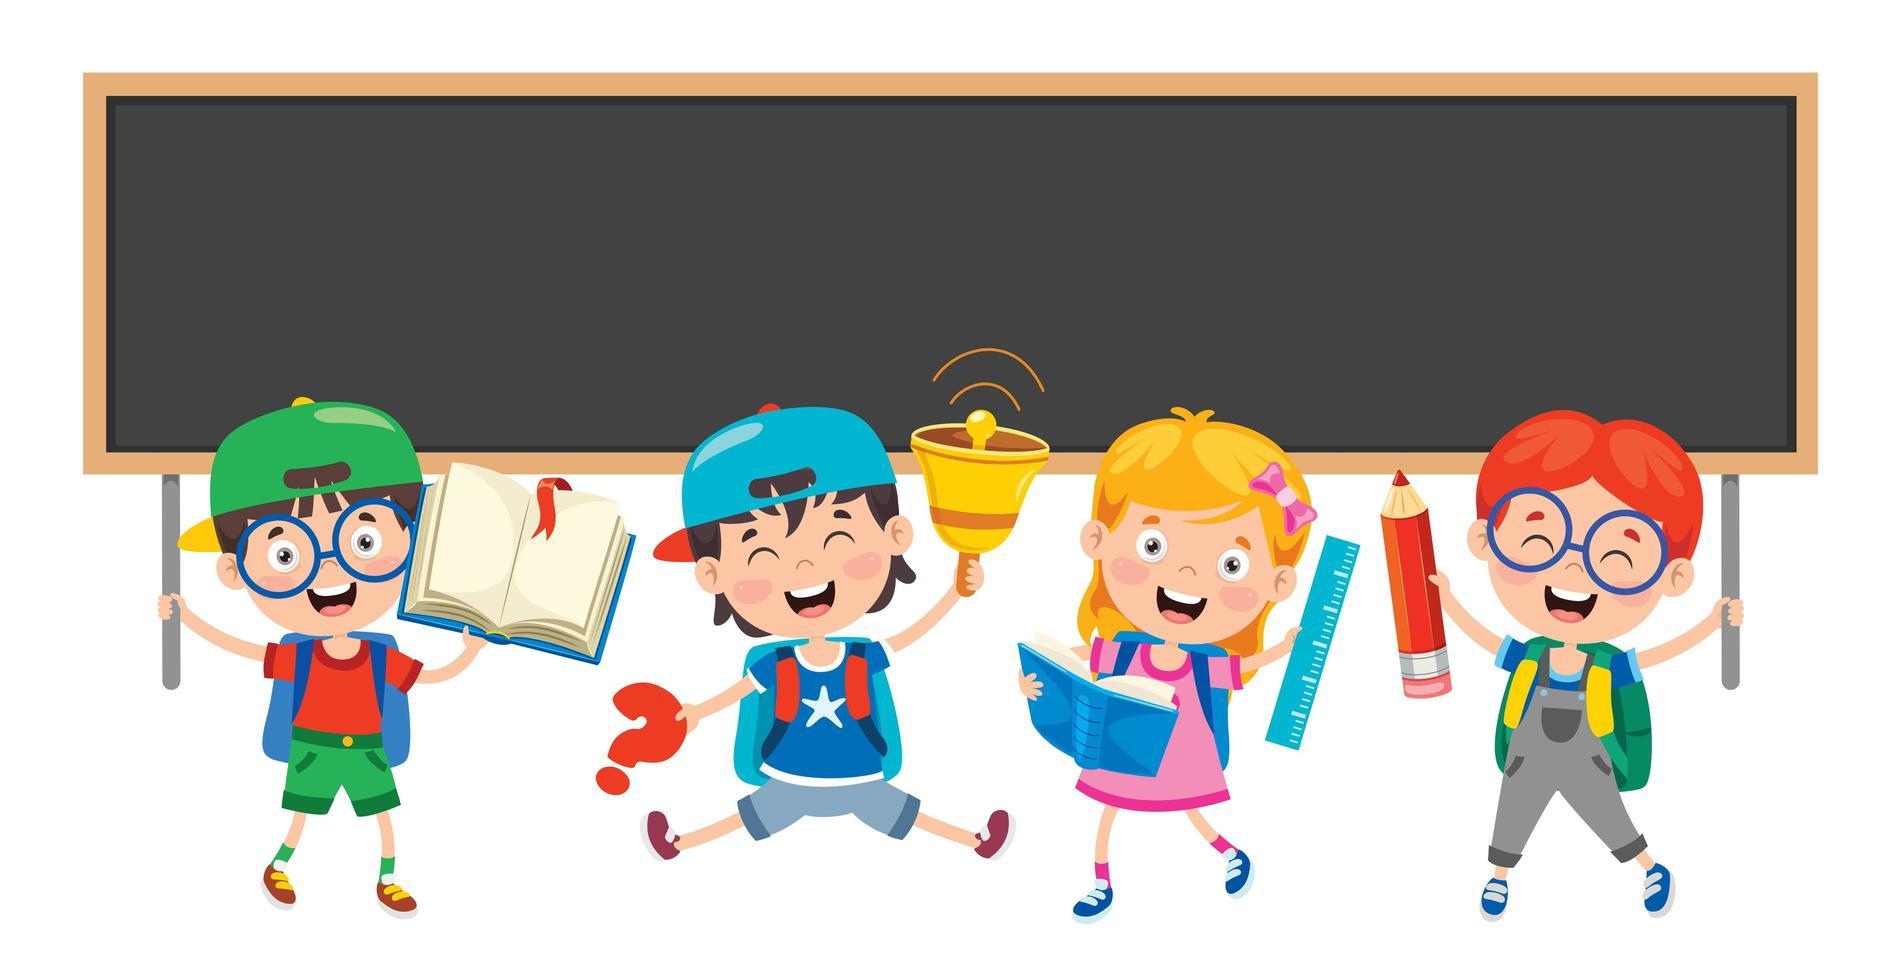 crianças em idade escolar felizes e quadro-negro vetor